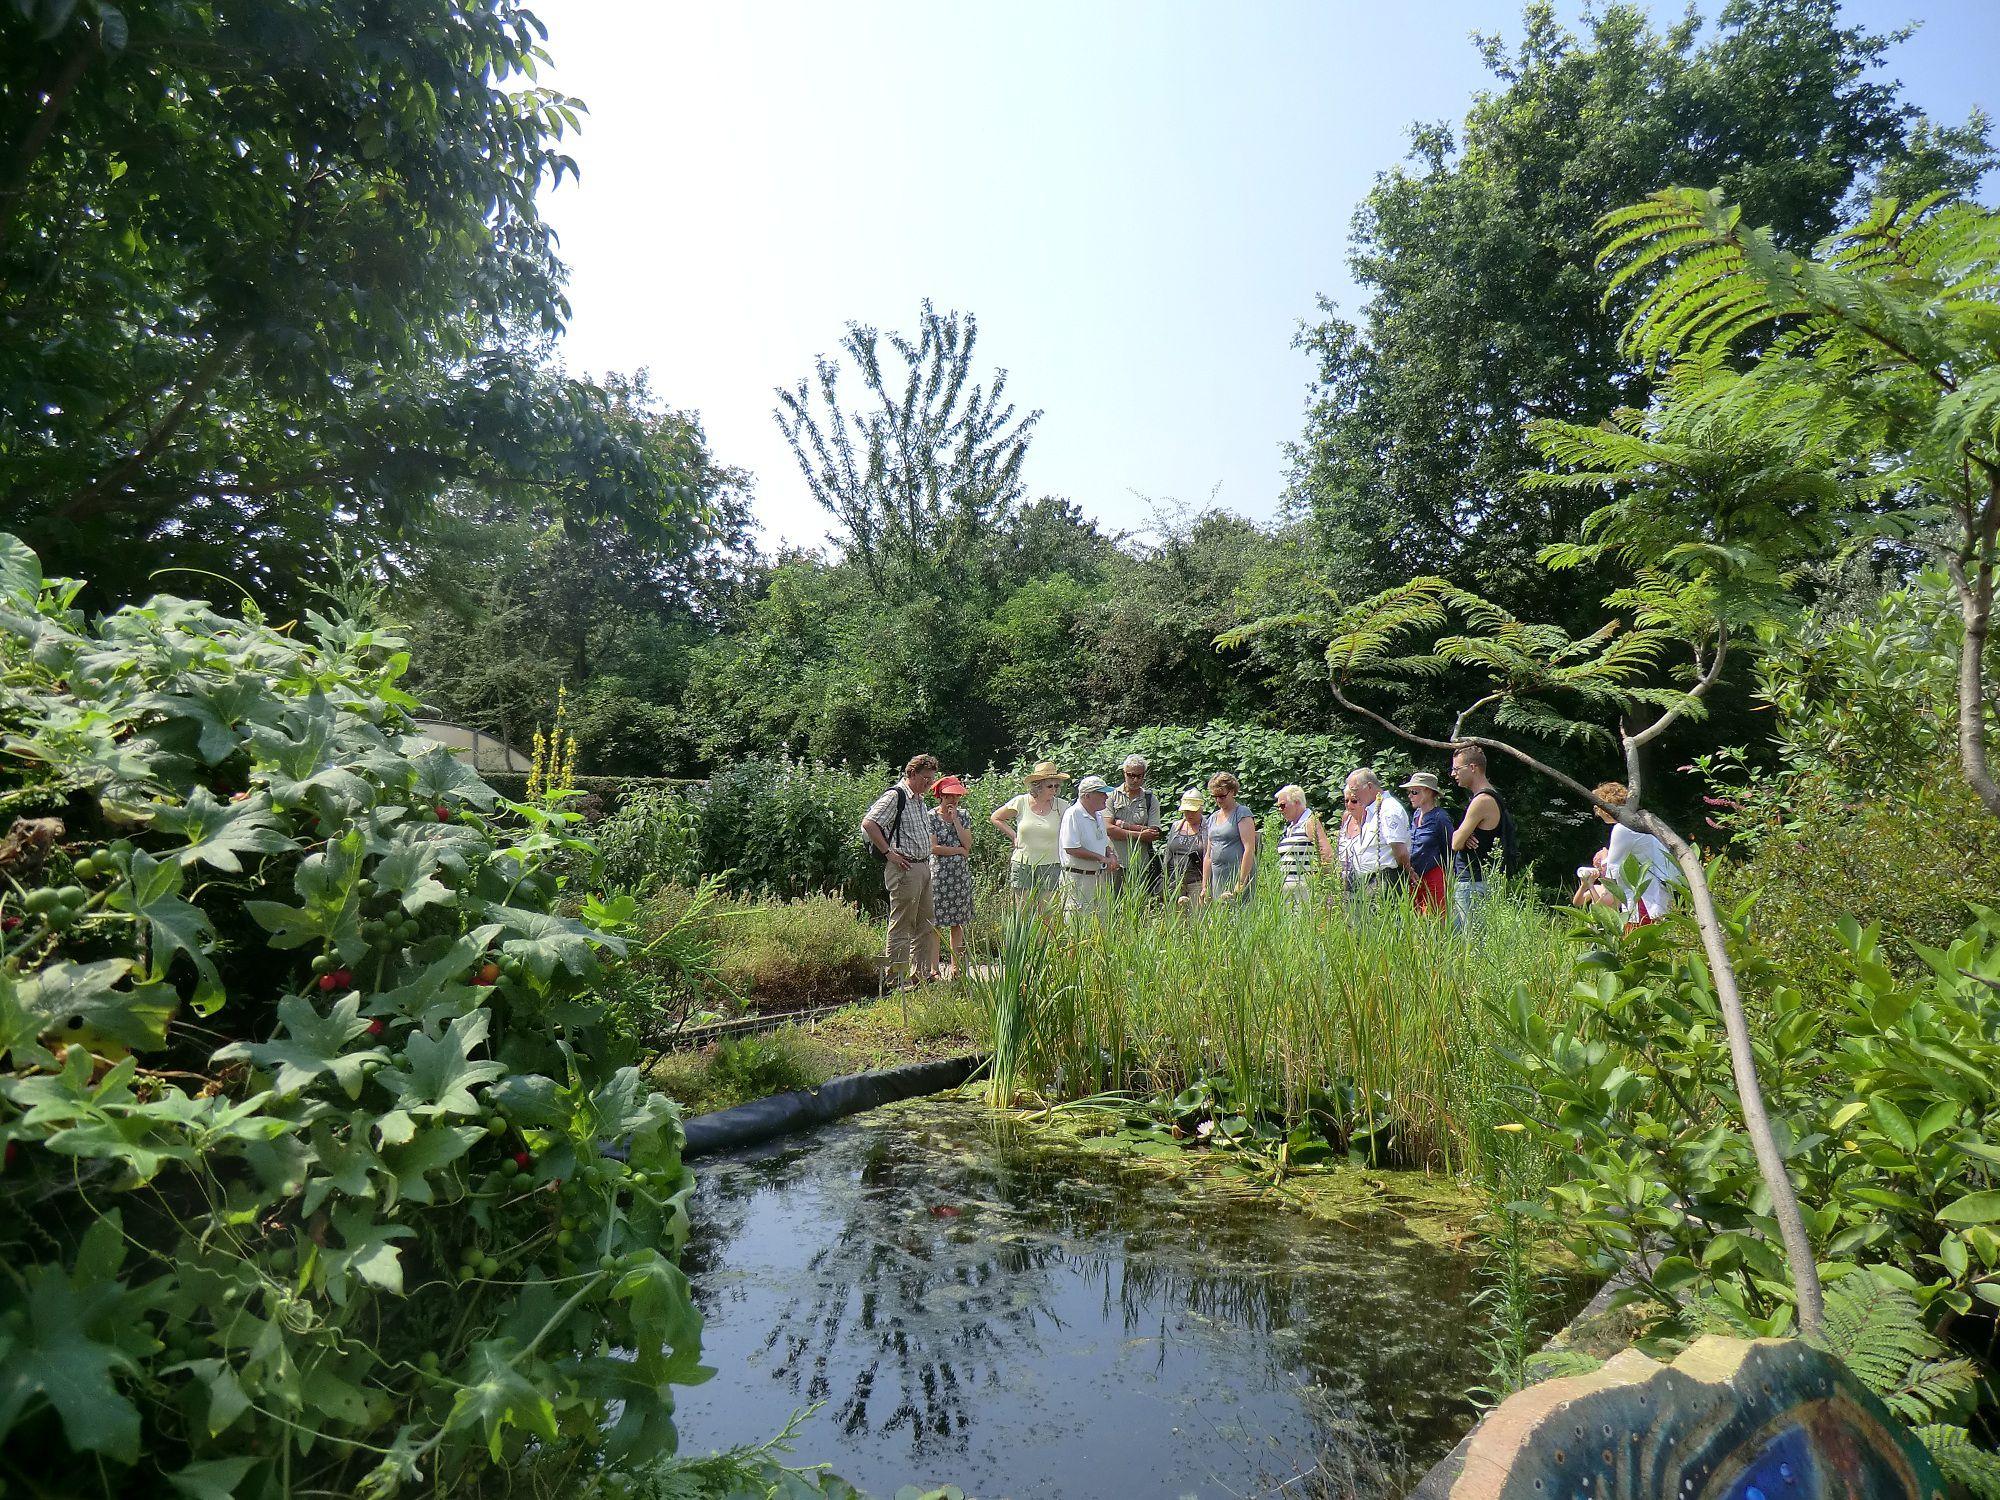 Botanische Tuin Alkmaar : Oneindig noord holland hortus alkmaar groene oase op een